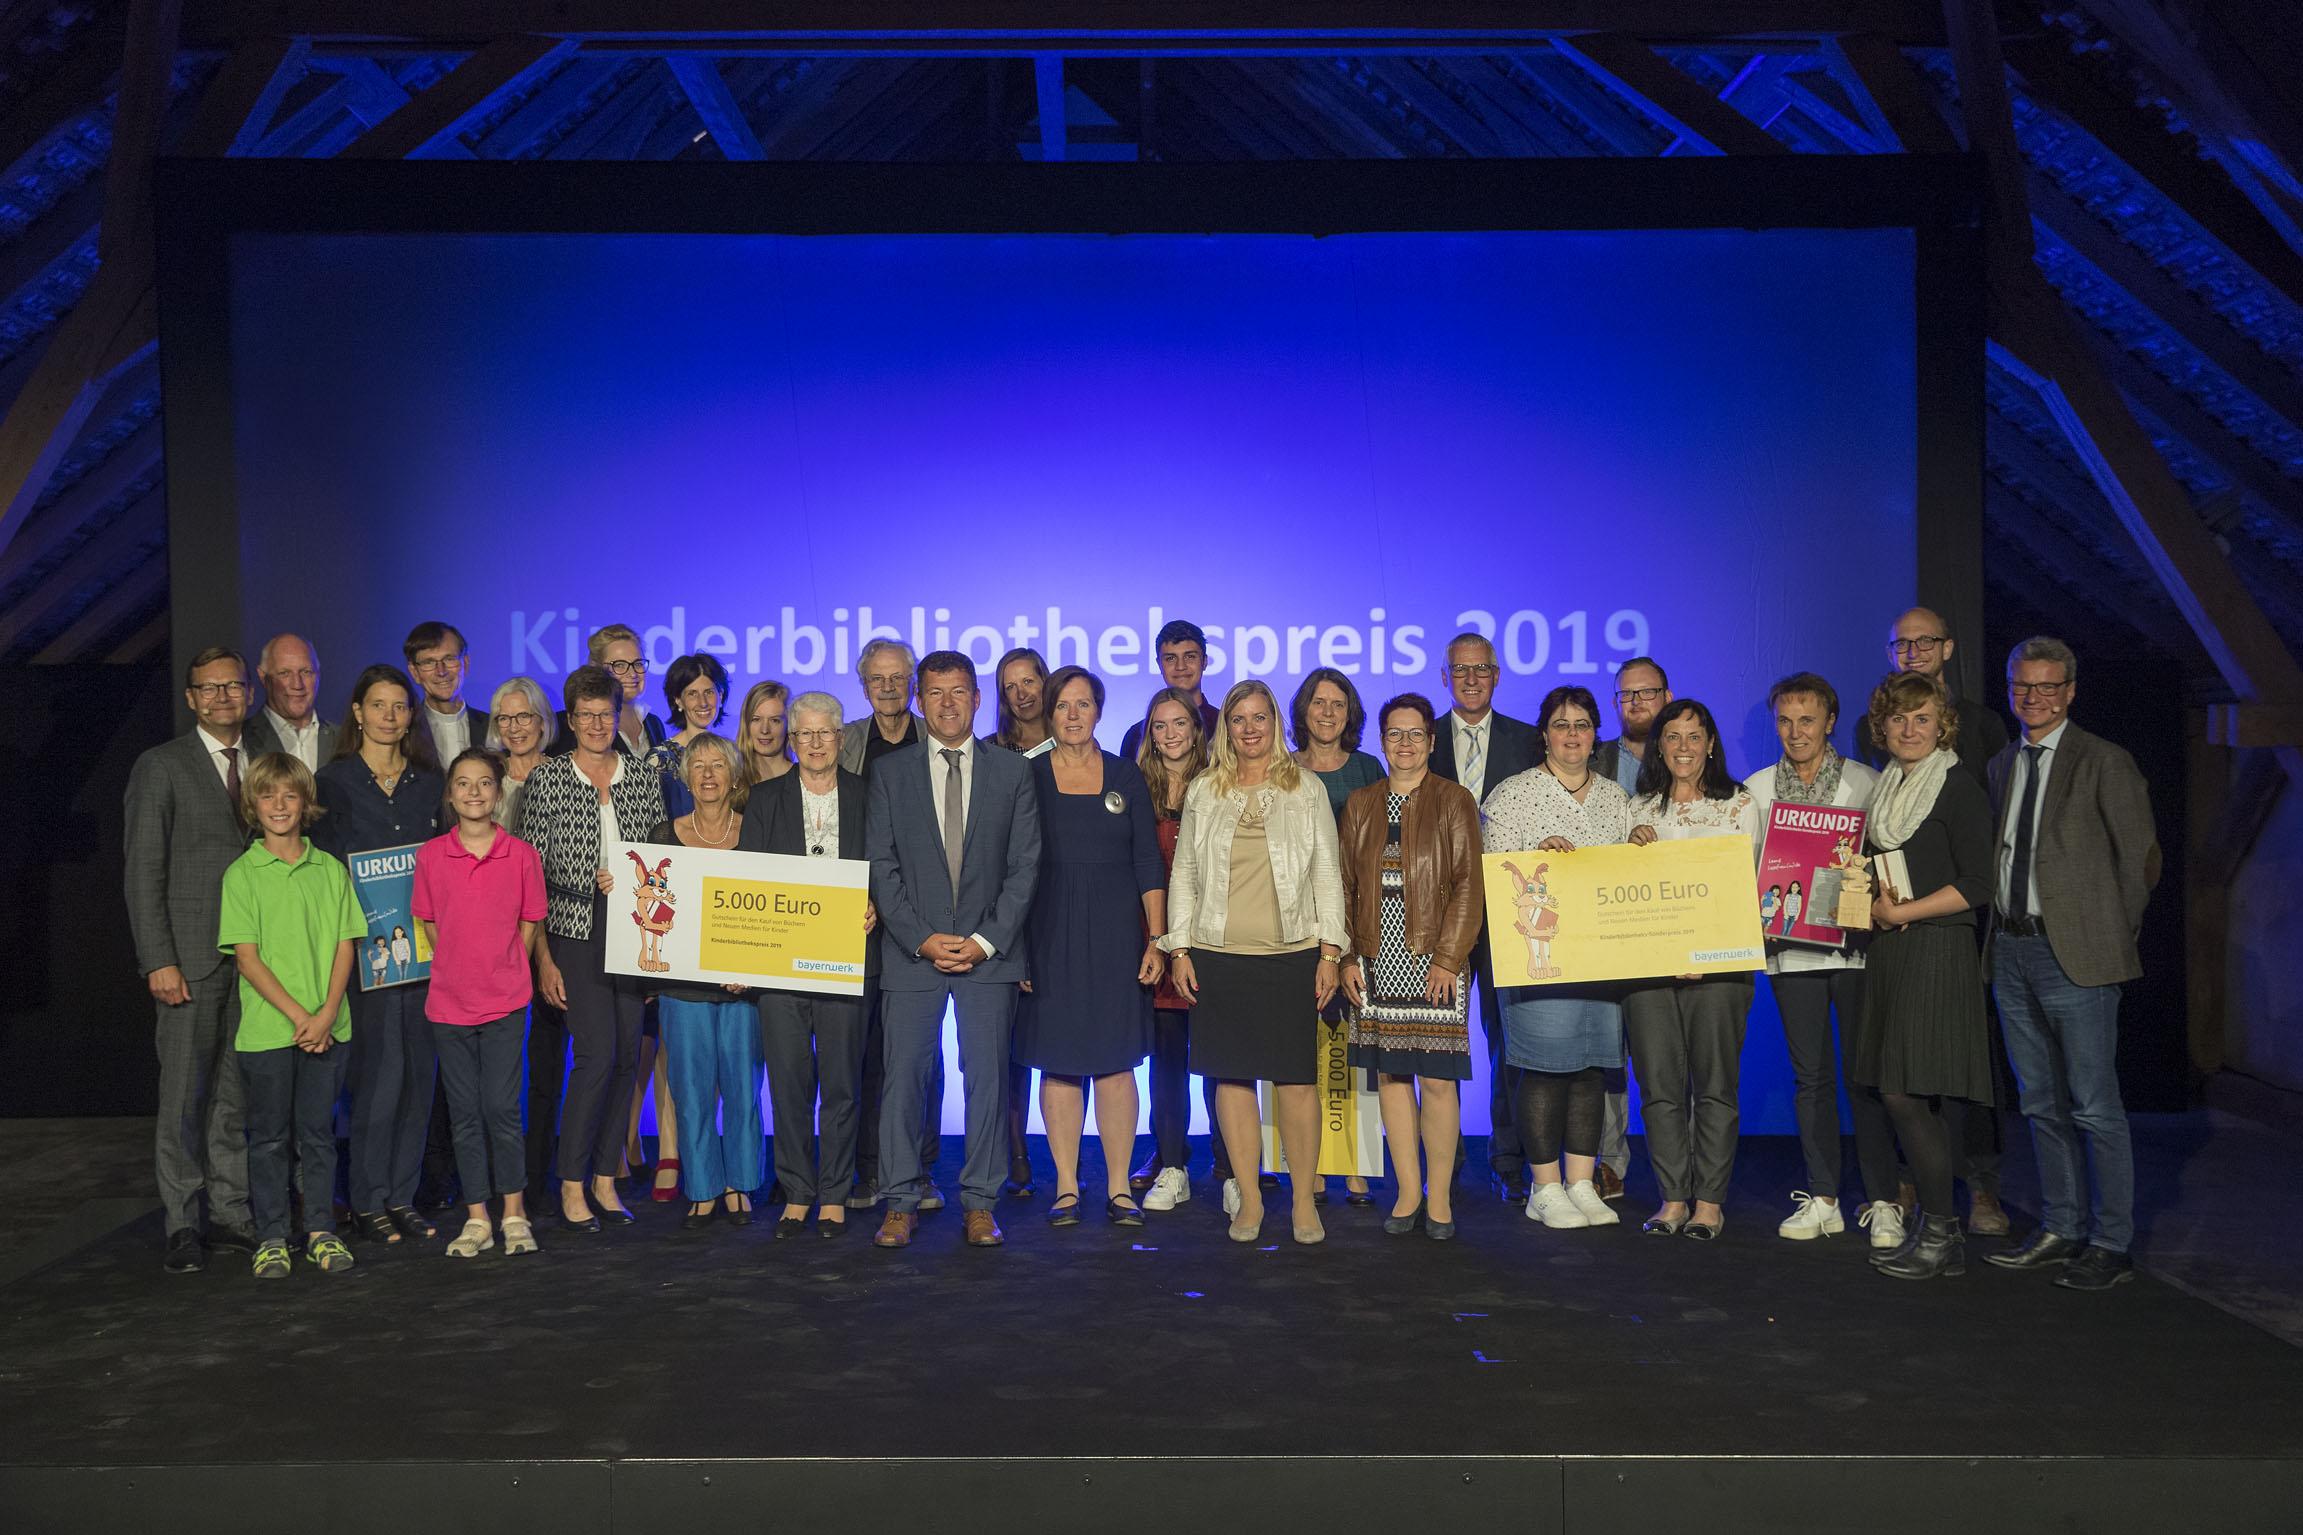 Galaabend im Zeichen des Lesens – Bayernwerk ehrt fünf Einrichtungen mit Kinderbibliothekspreis – Lara Schützsack erhält Paul Maar-Preis Korbinian